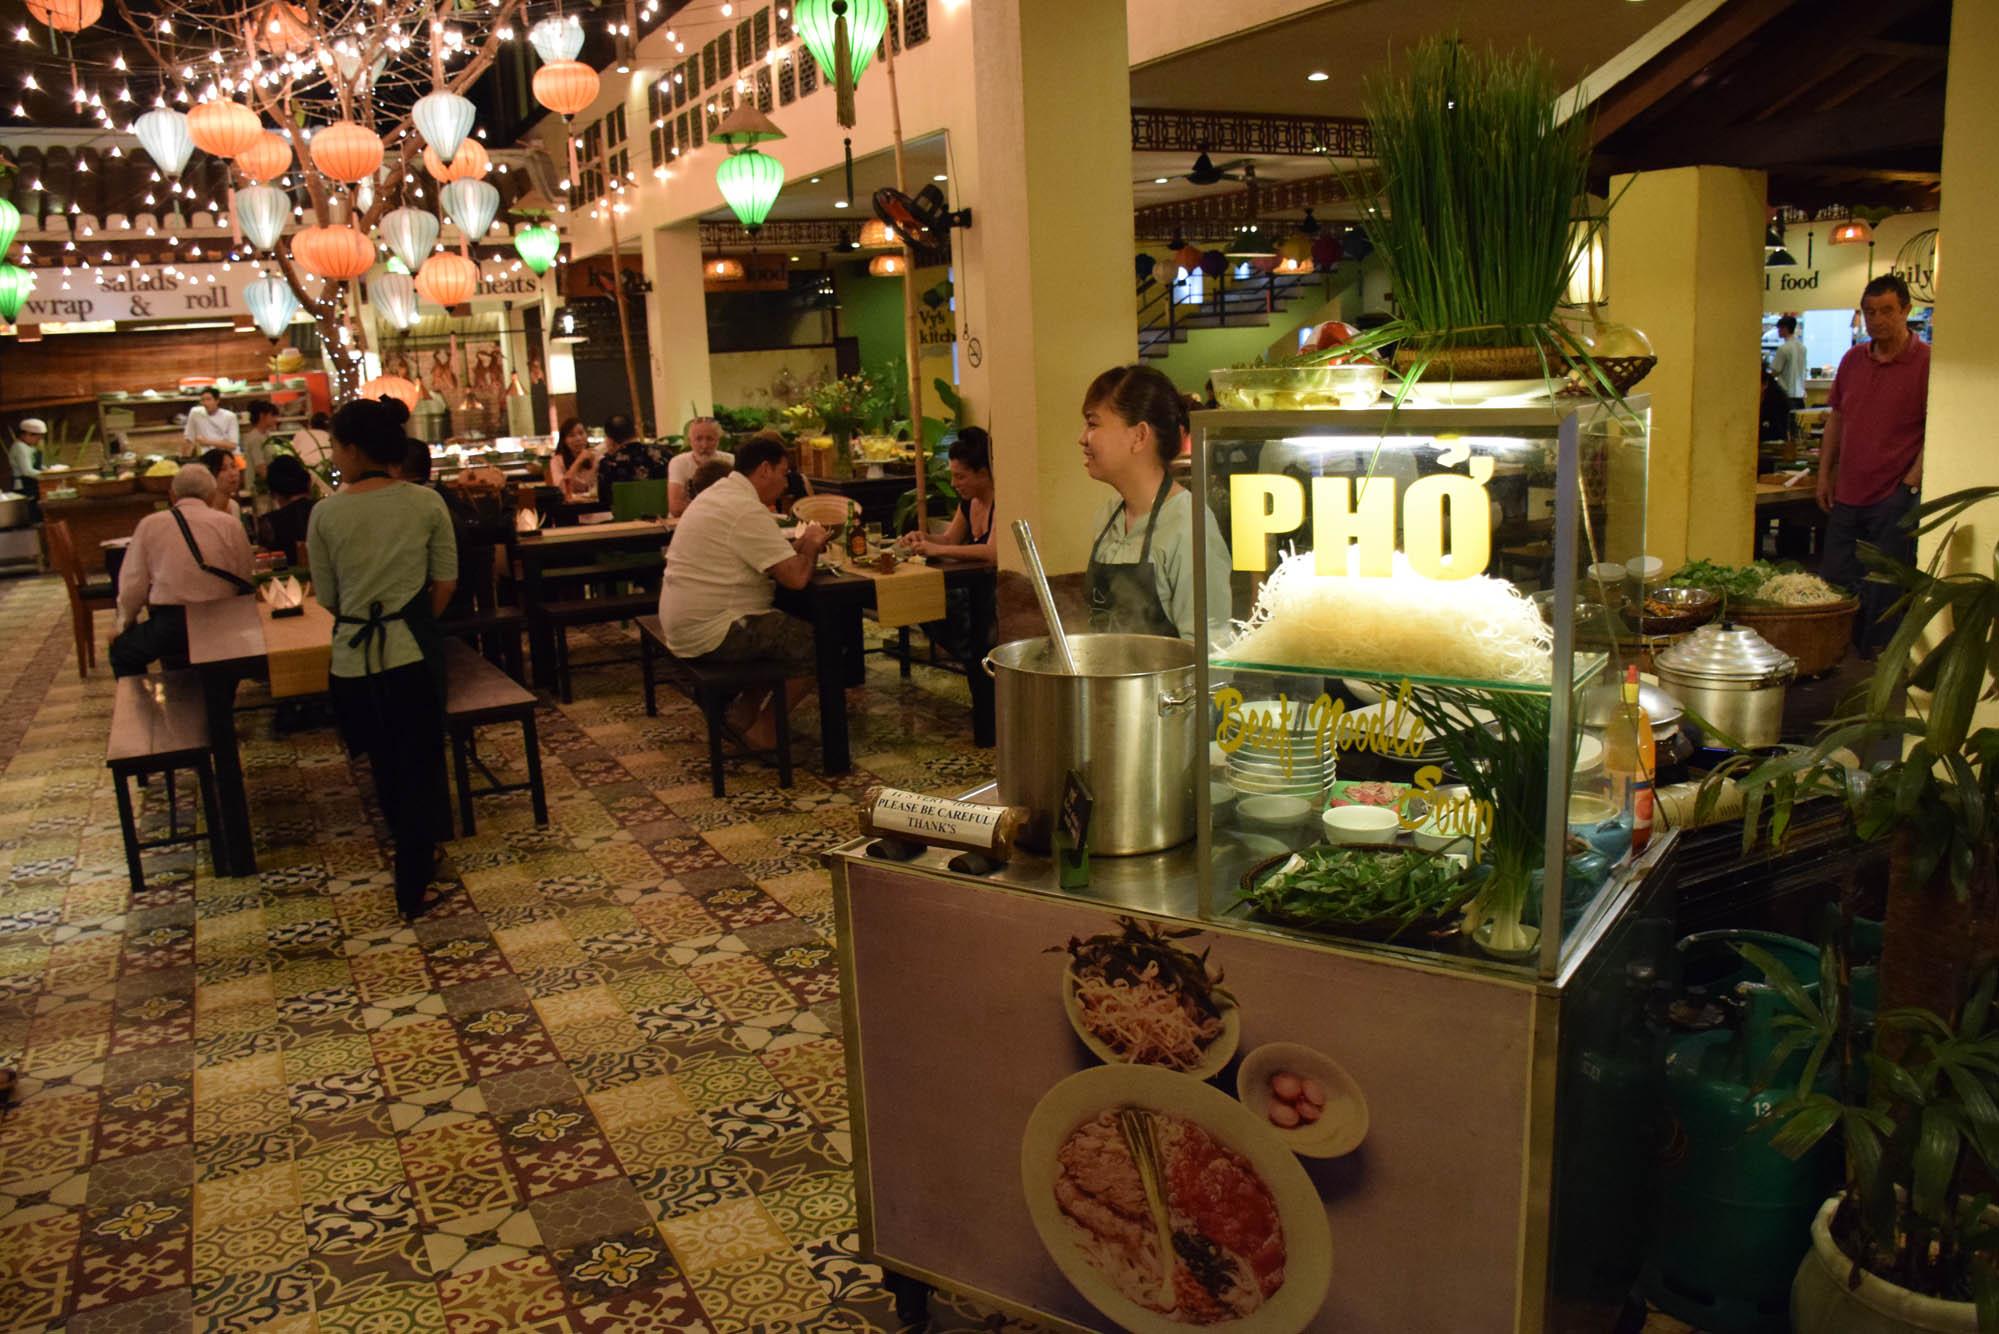 Carrinho de Pho - o prato mais famoso do Vietnã!